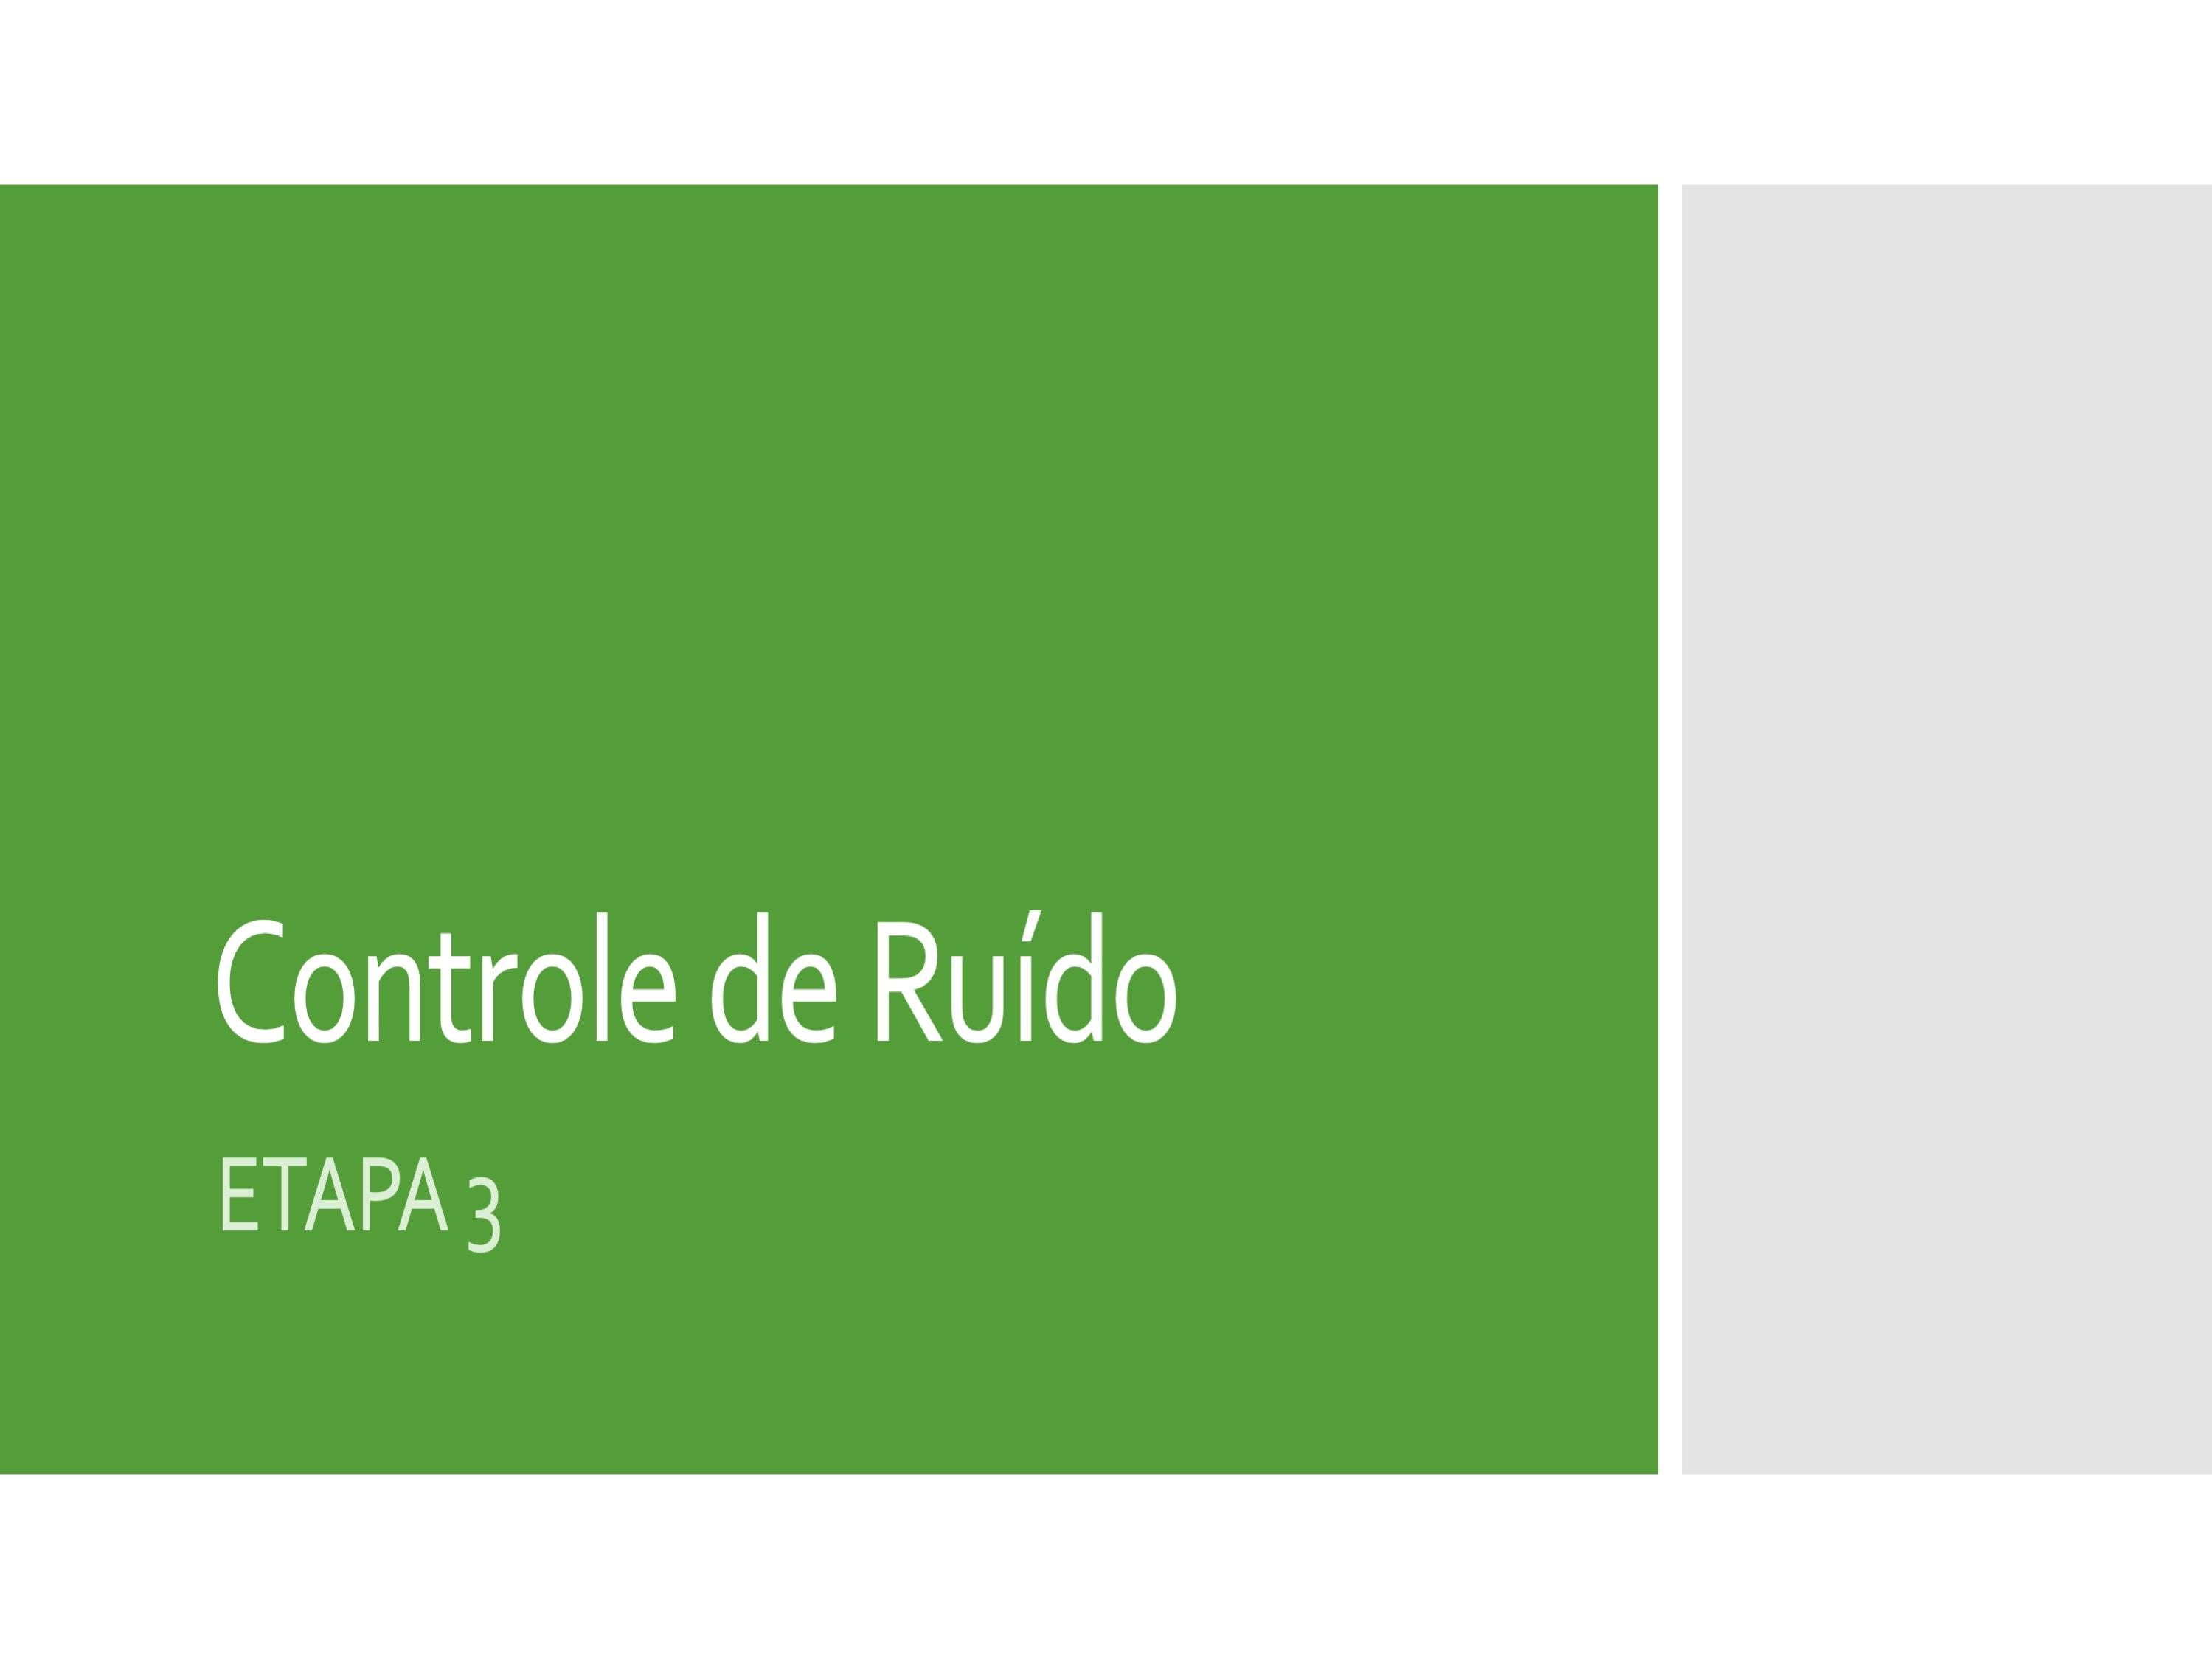 Controle de Ruído Industrial – Etapa 3